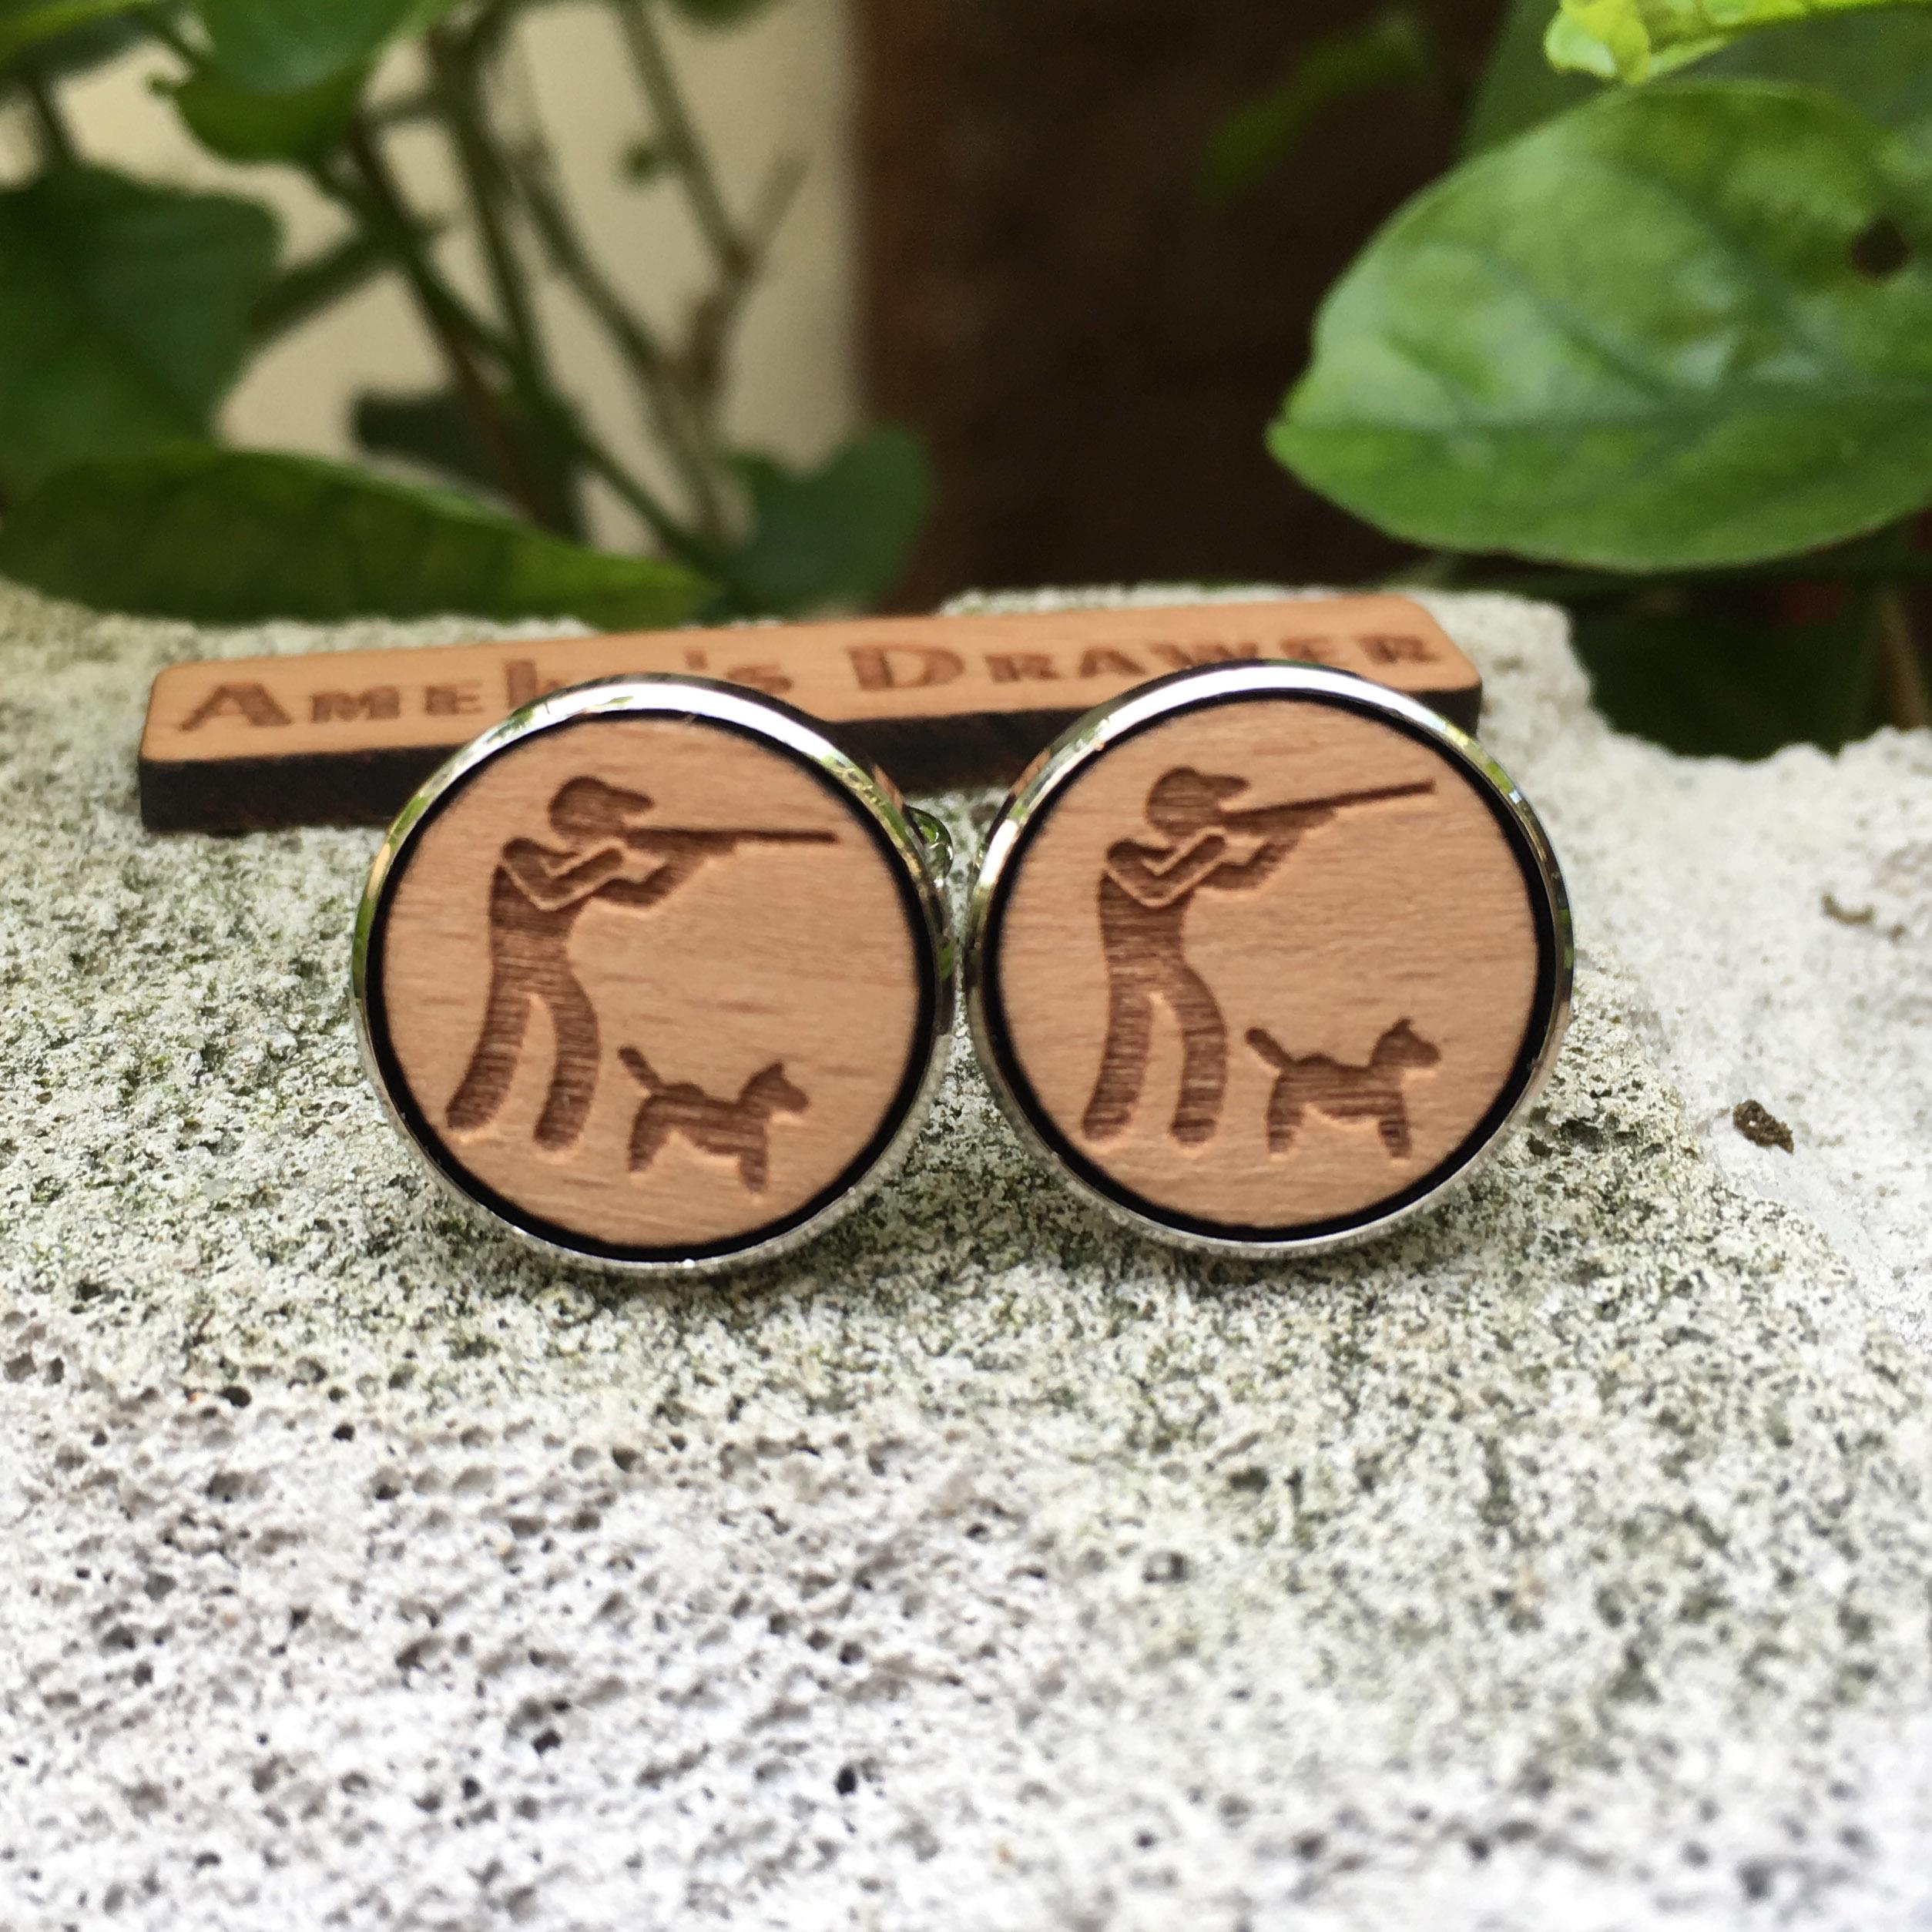 Gemelos grabados con láser Hunter, gemelos de madera para caza, accesorio para traje de perro Huntsman Stud Hungting X 1 par